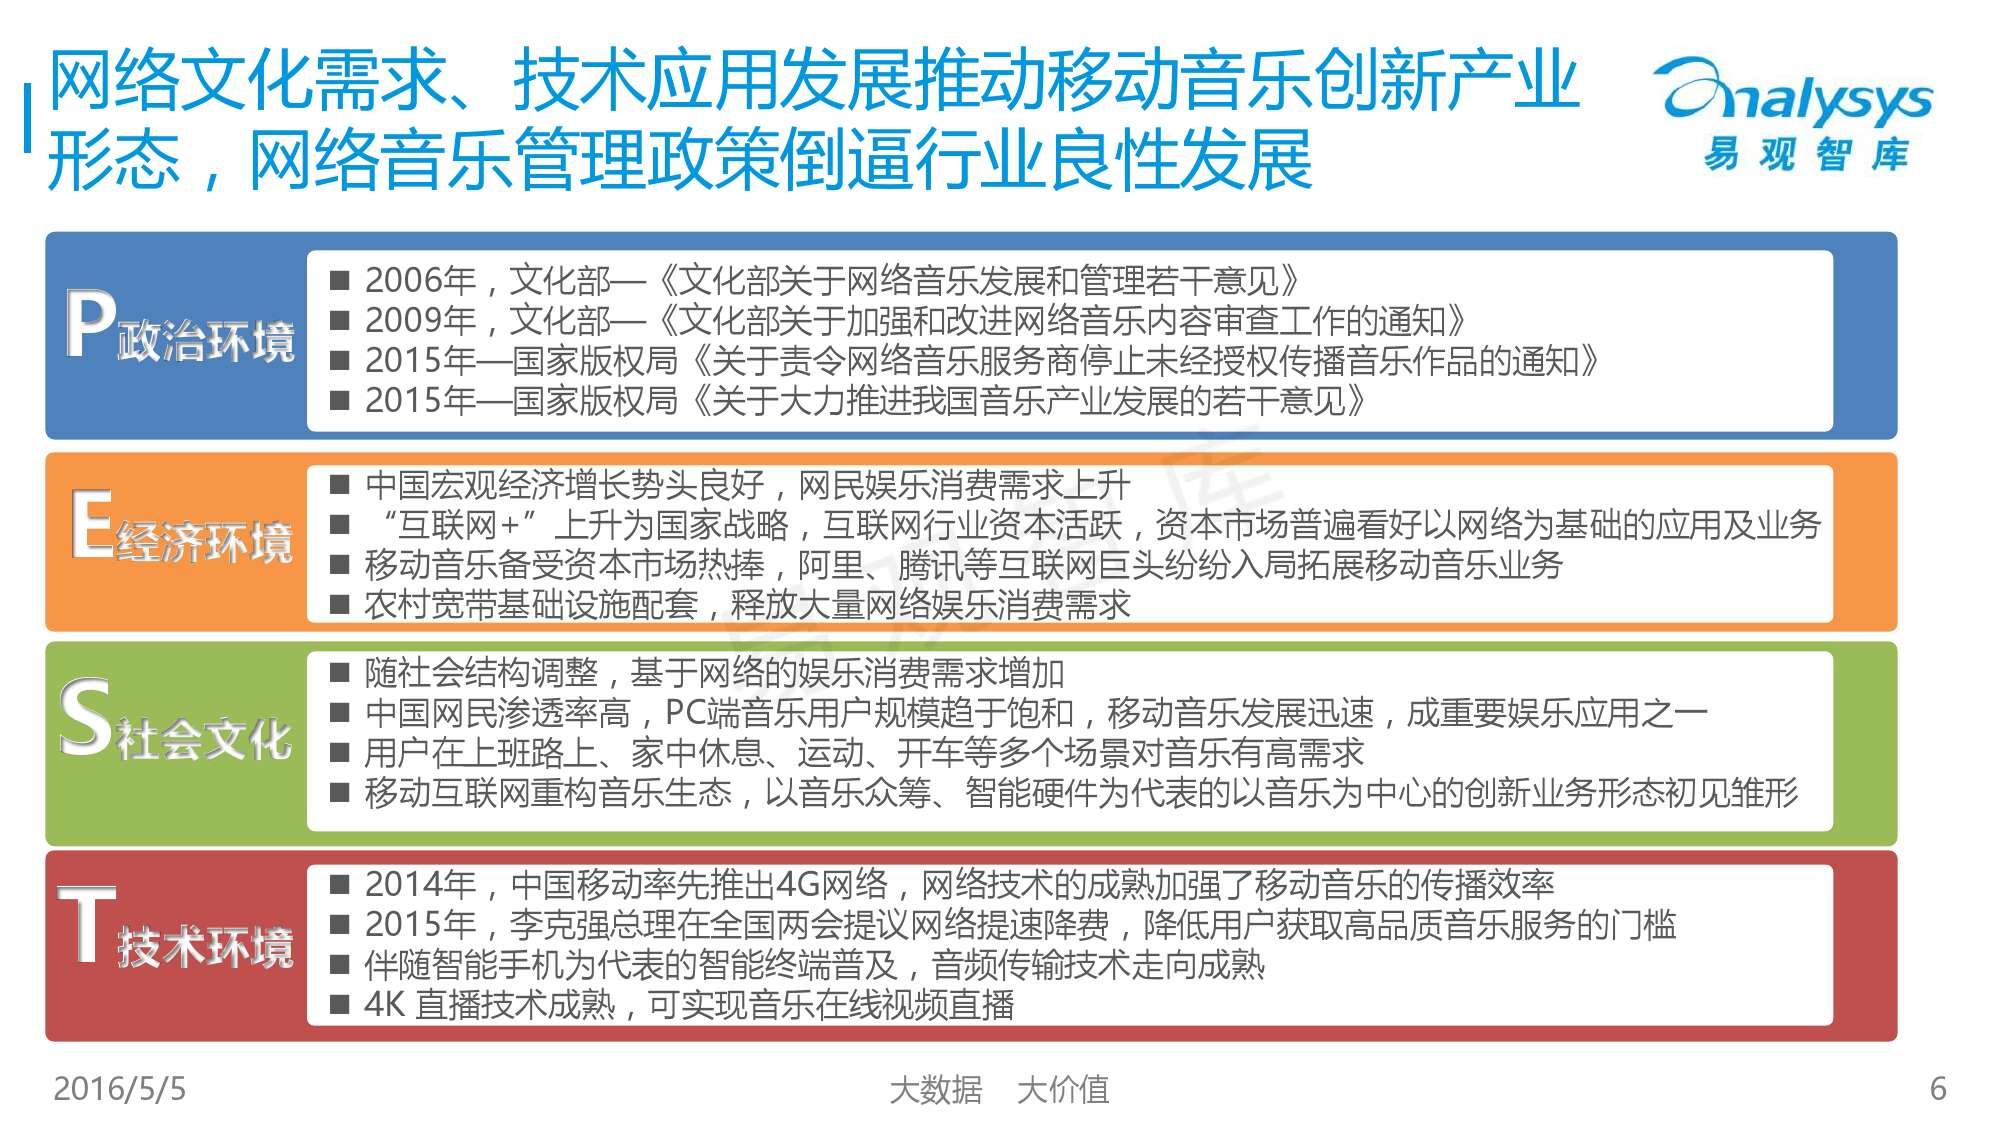 2016中国移动音乐市场年度综合报告_000006